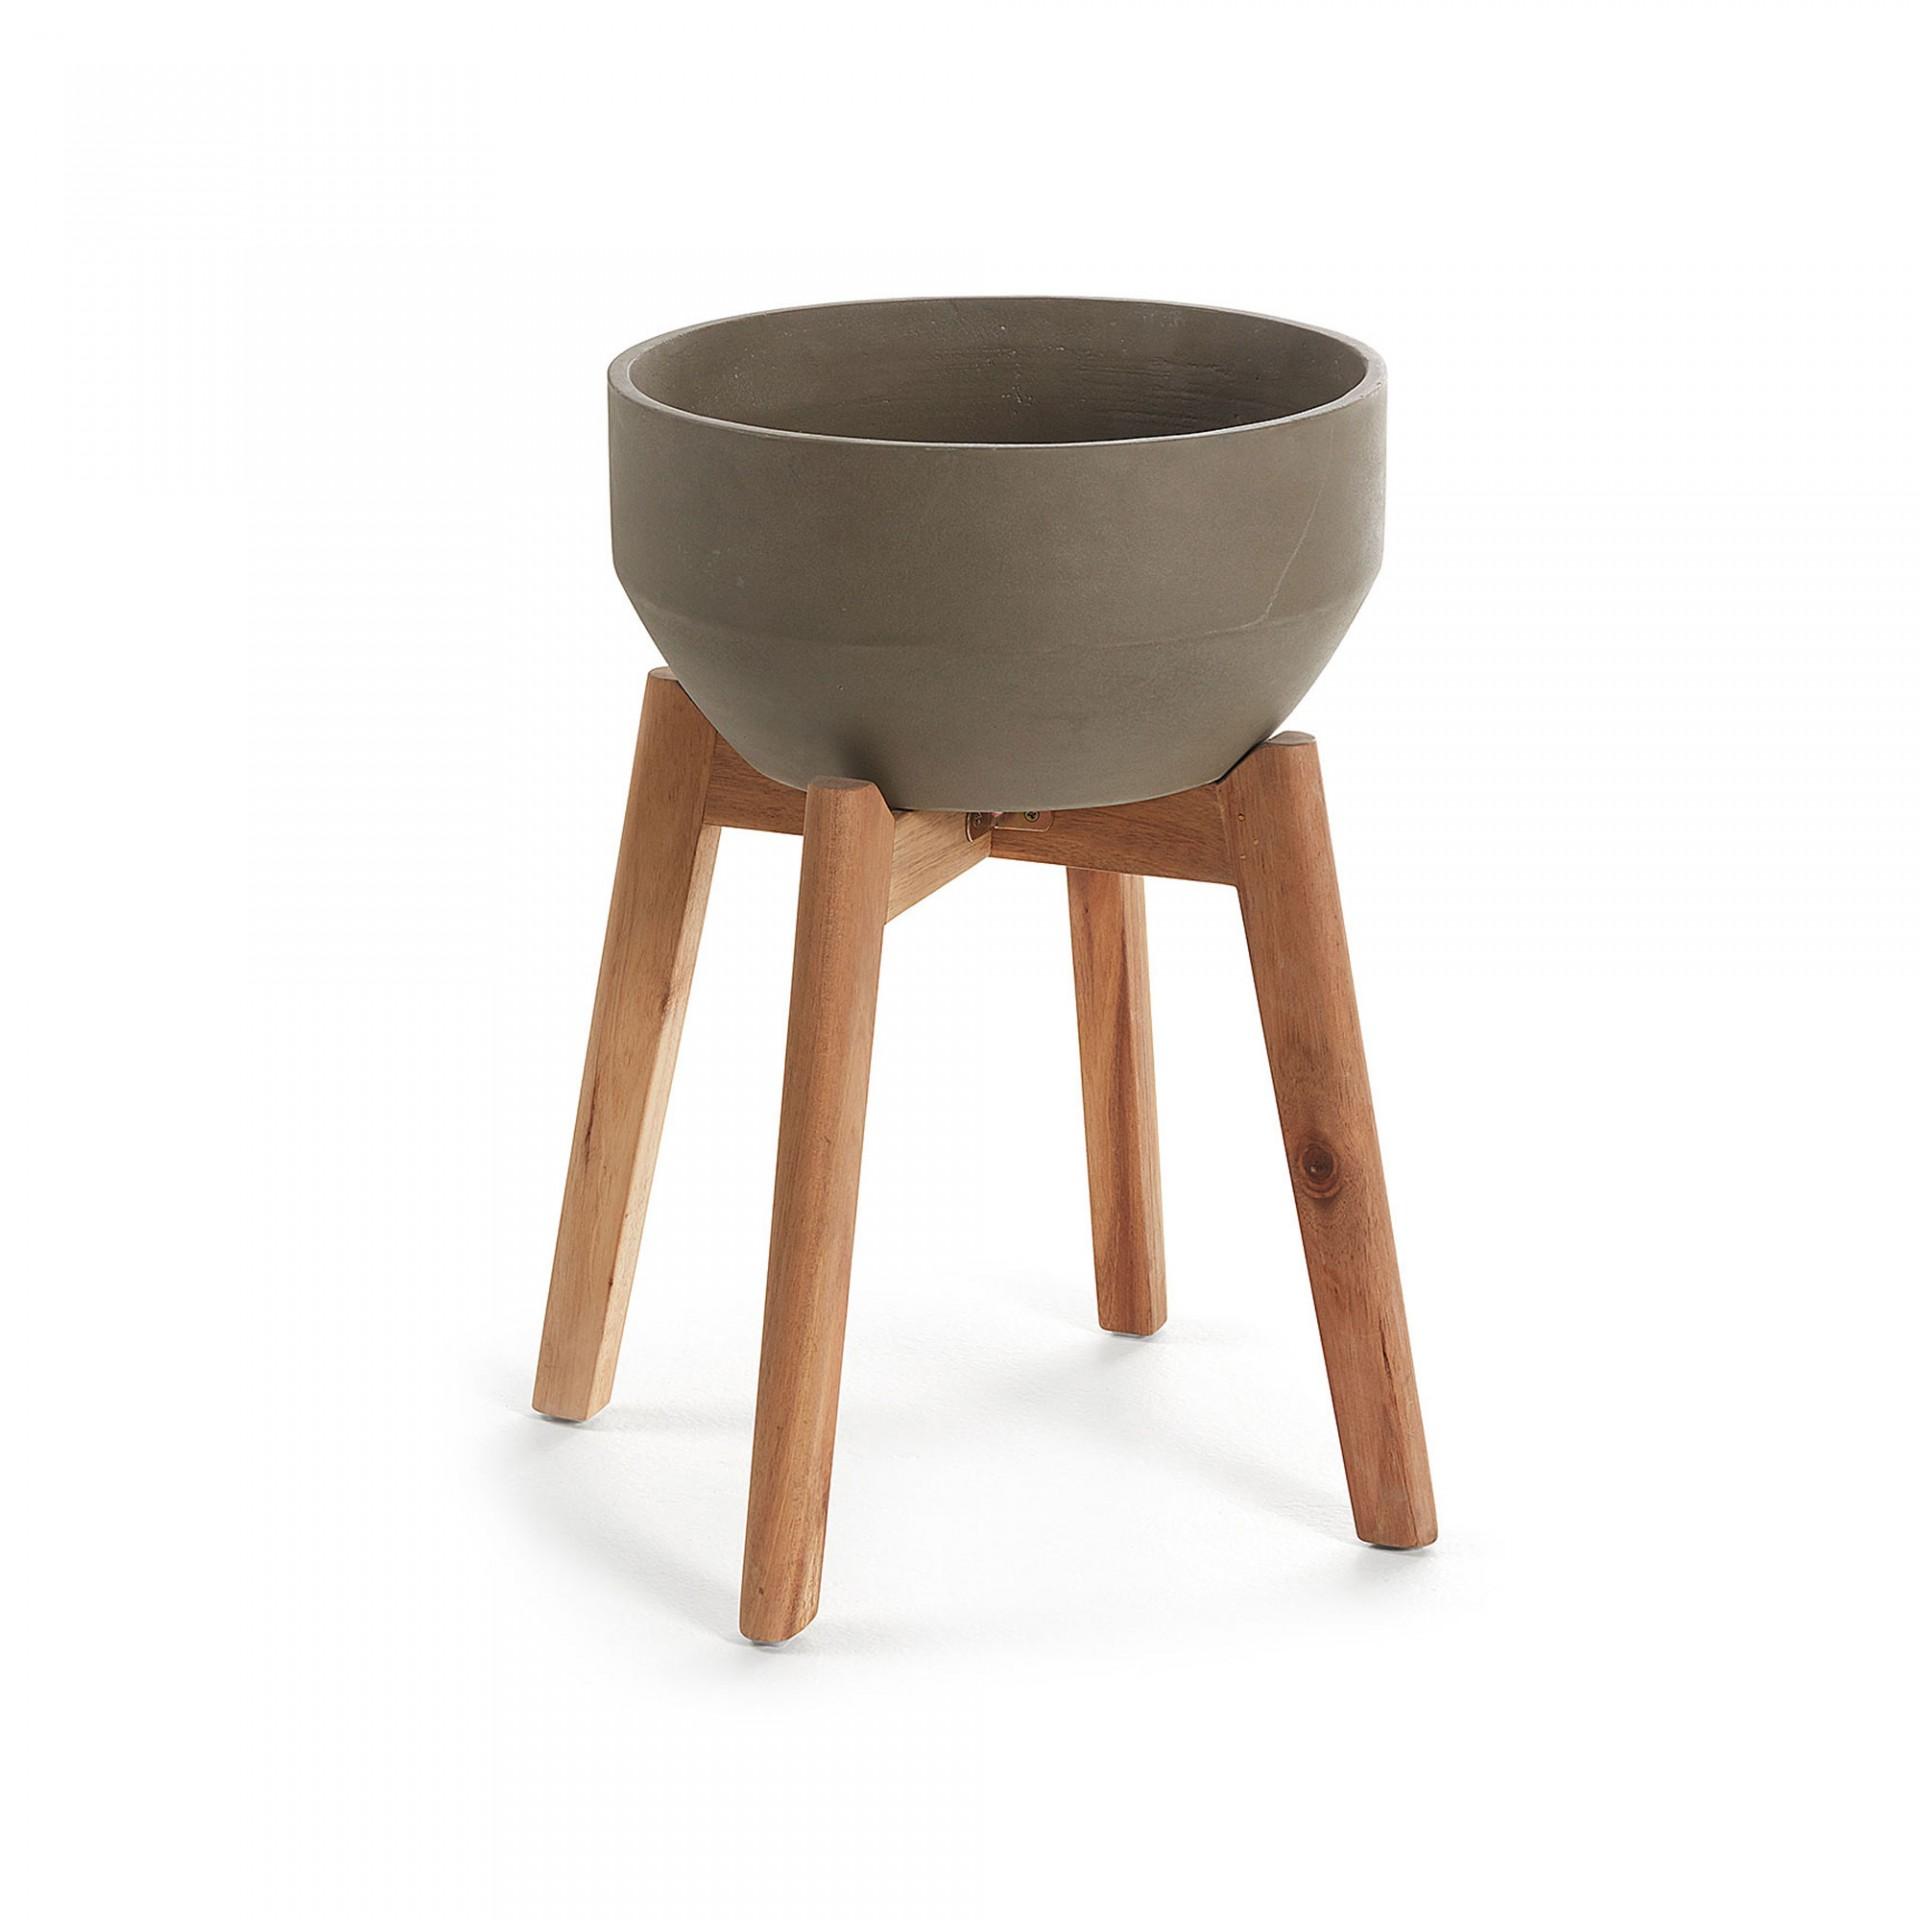 Vaso cerâmica/madeira de acácia, castanho, Ø28x46